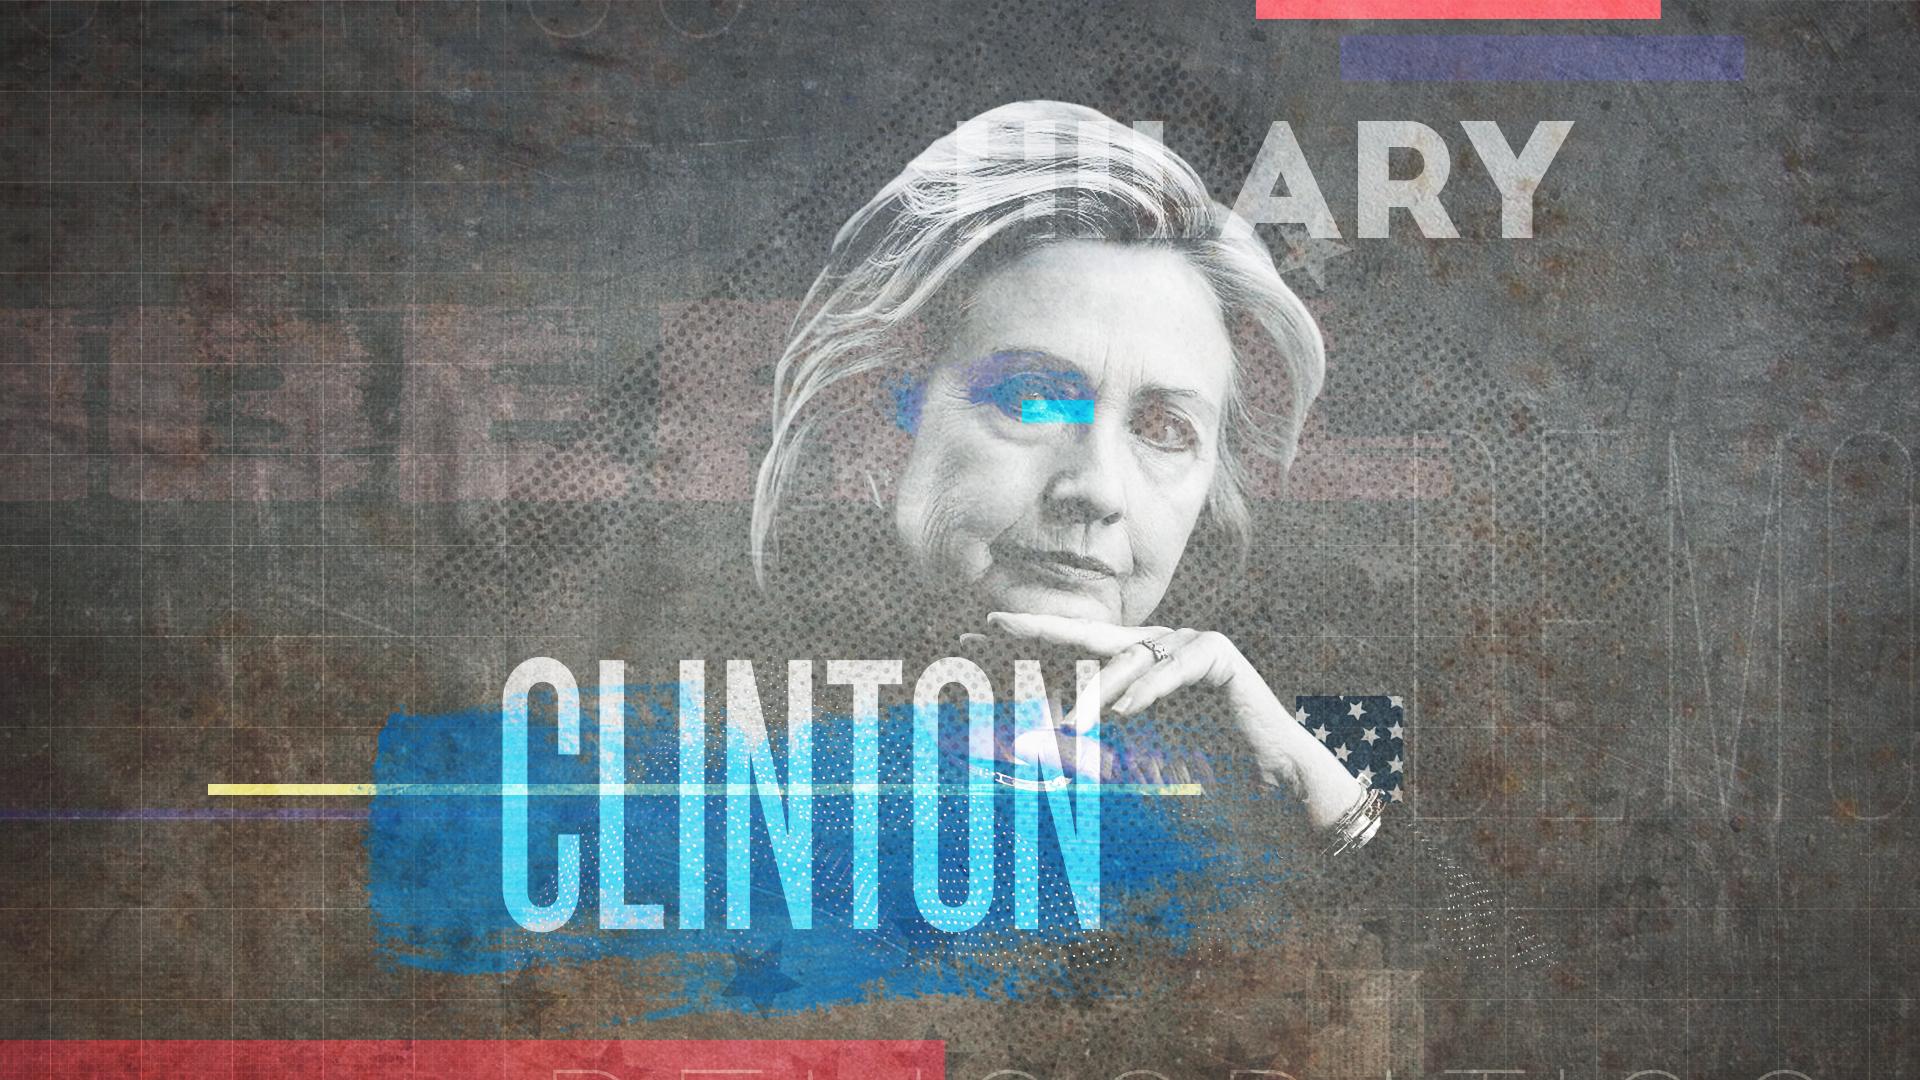 Dreams_US Election_FR3_landscape BN.jpg